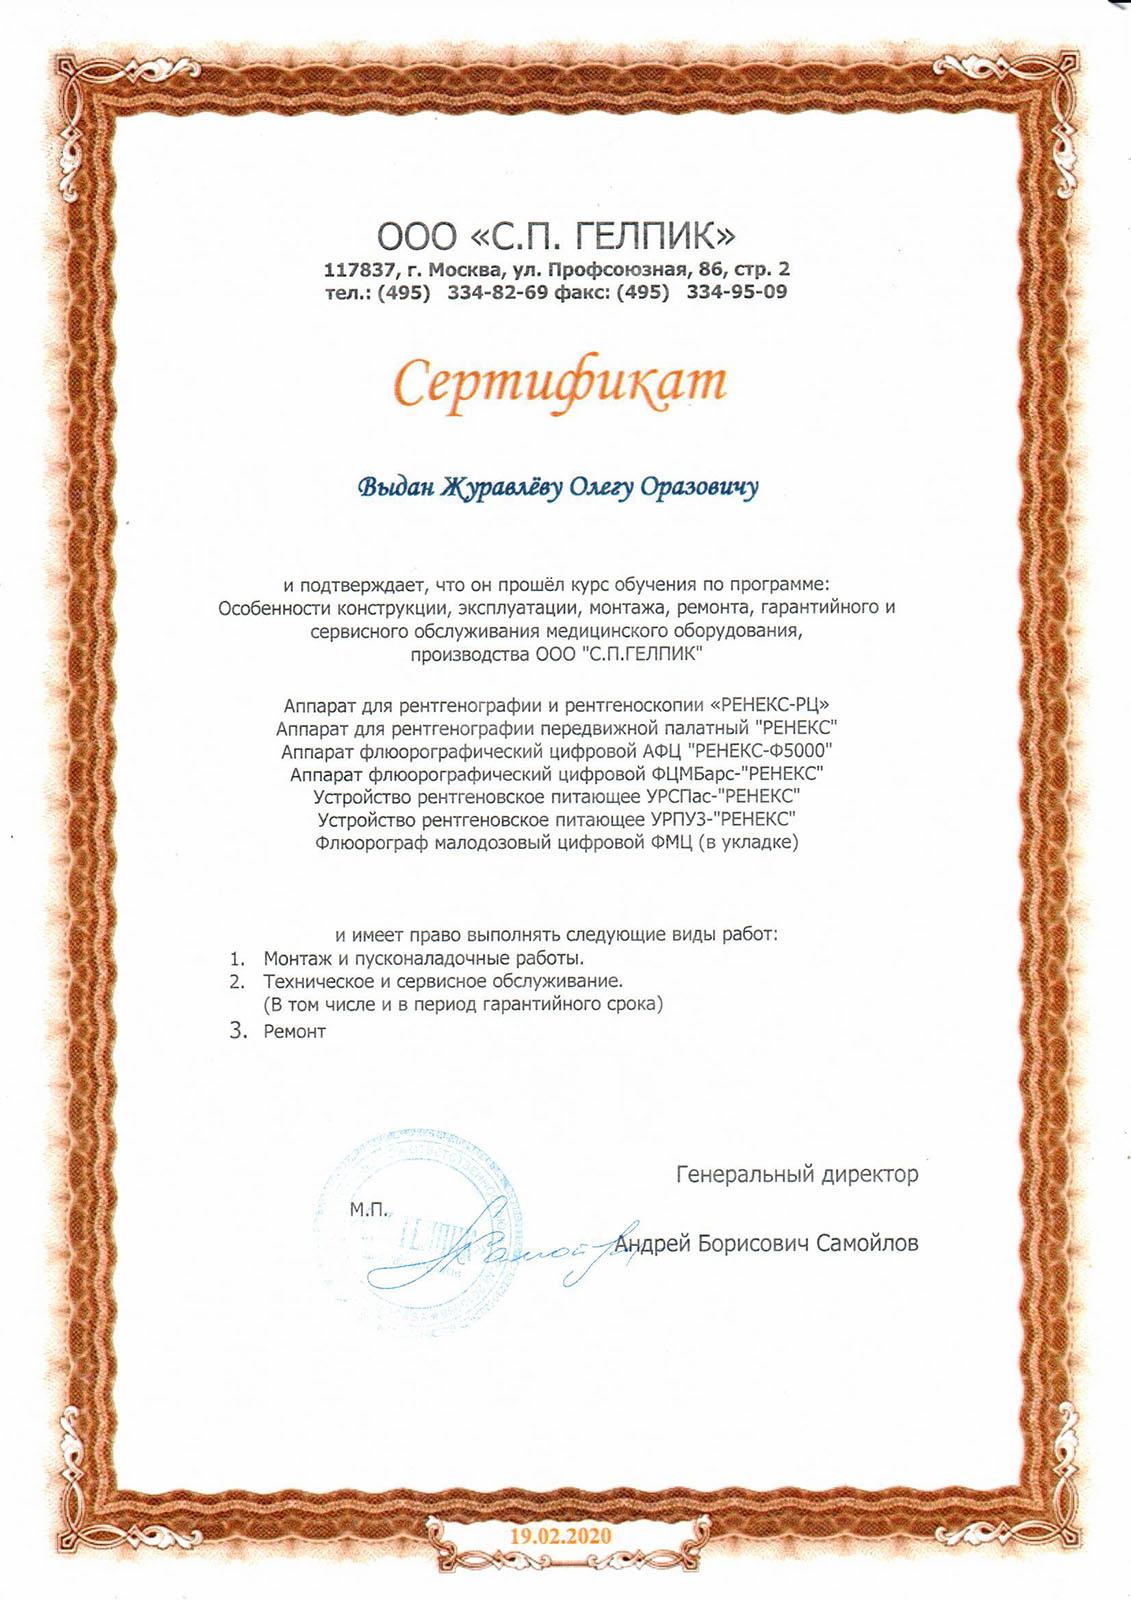 rentgenografiya-flyurografiya - CP-Gelpik-Zhuravlev-19.02.2020